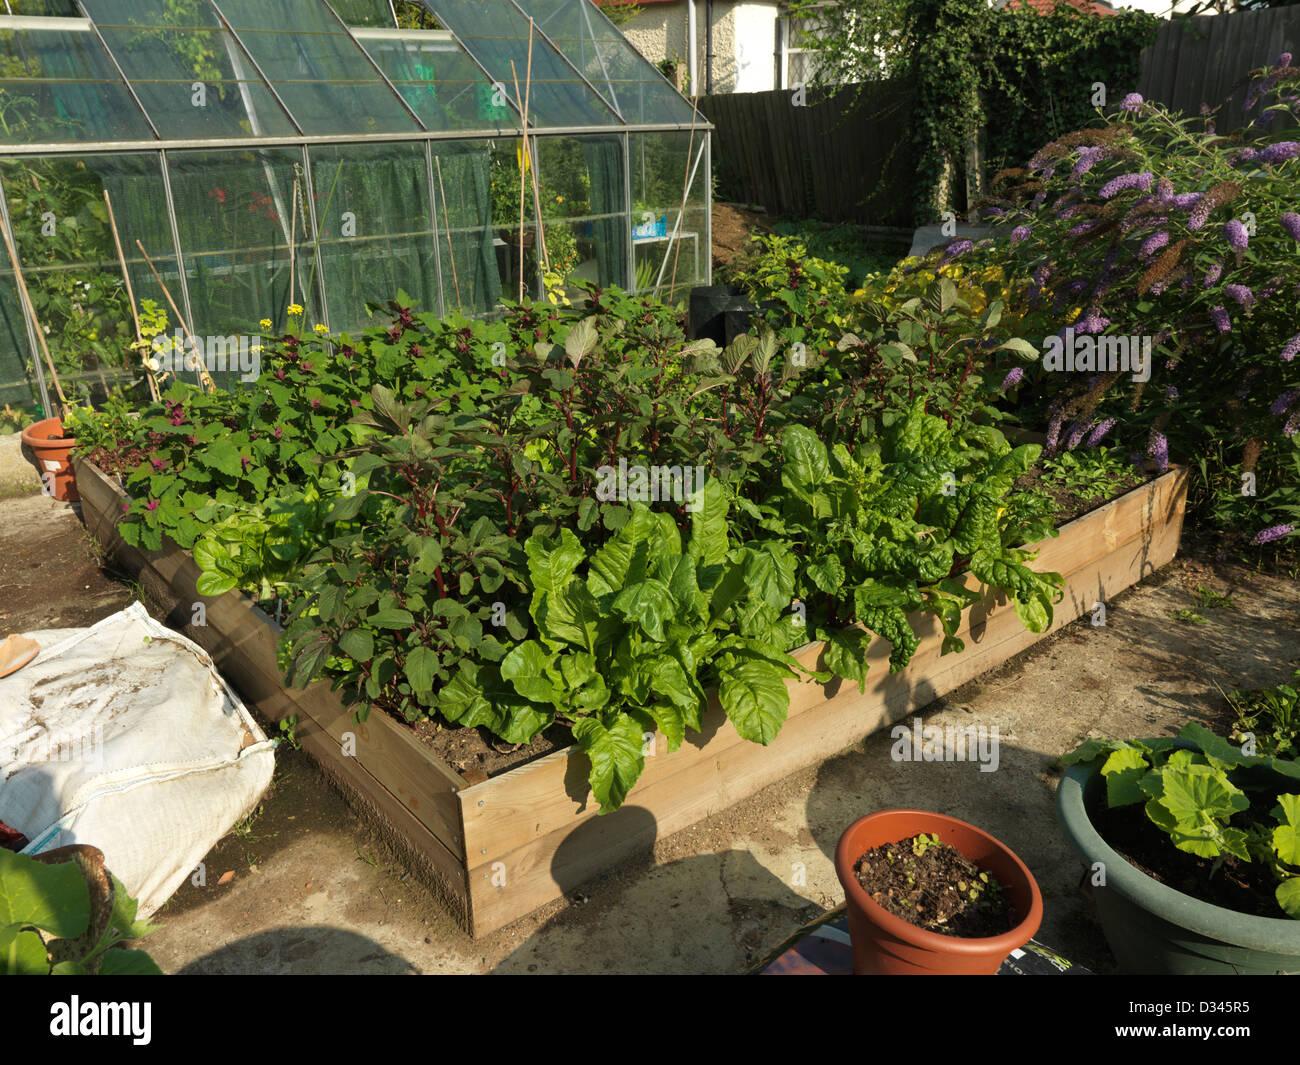 Hochbeet Mit Salat Spinat Mangold Und Pastinake Im Garten